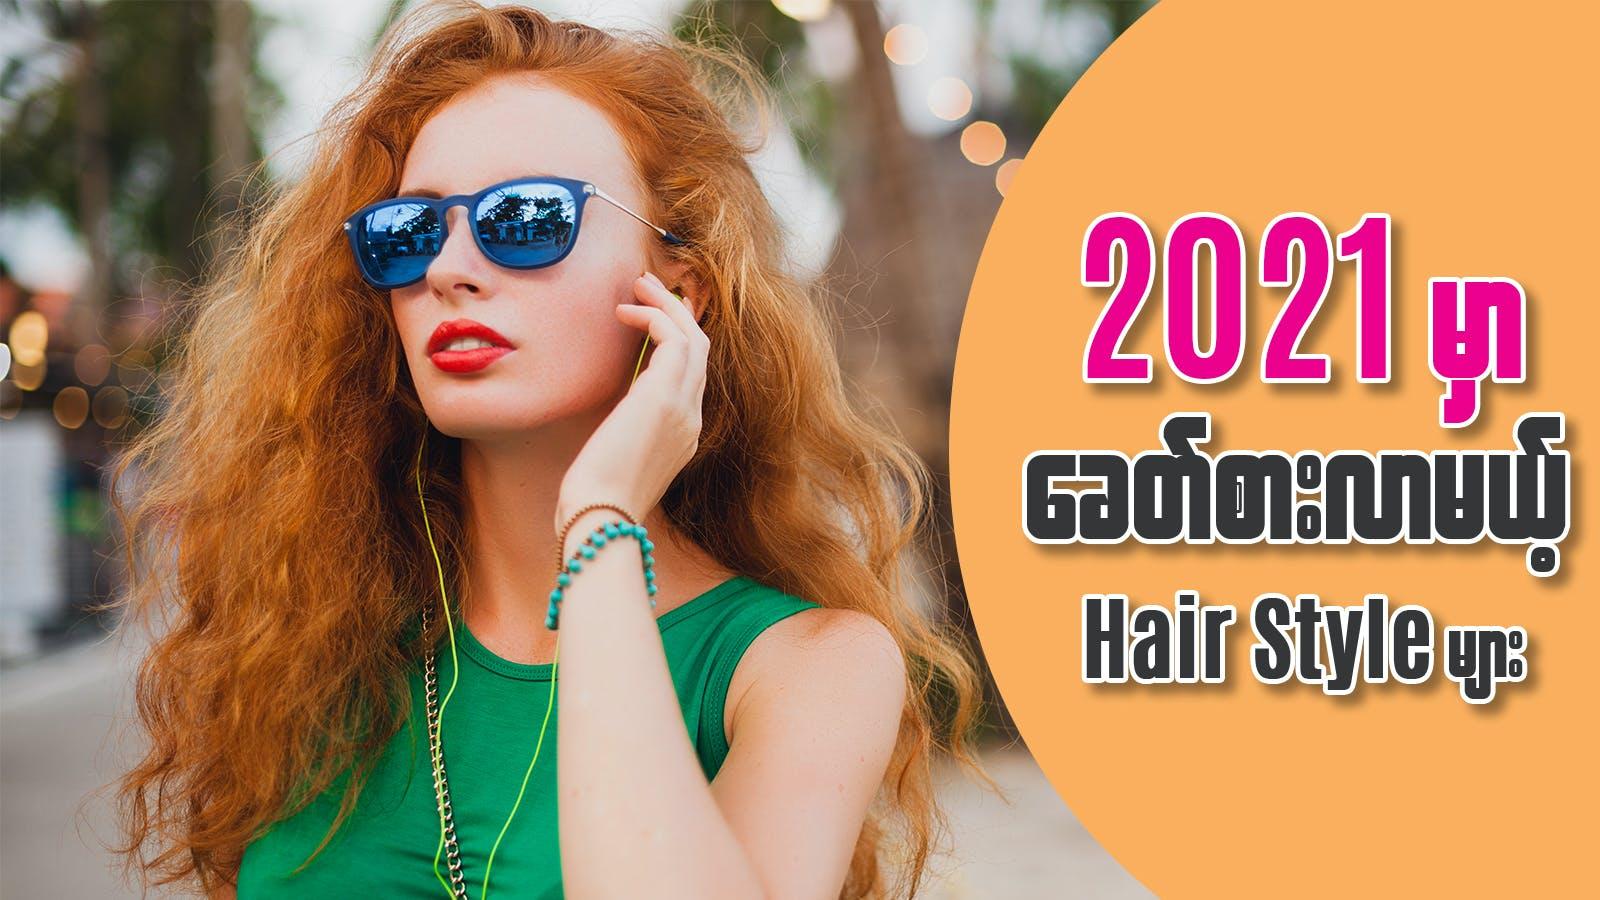 2021 မှာ ခေတ်စားလာမယ့် Hair Style များ